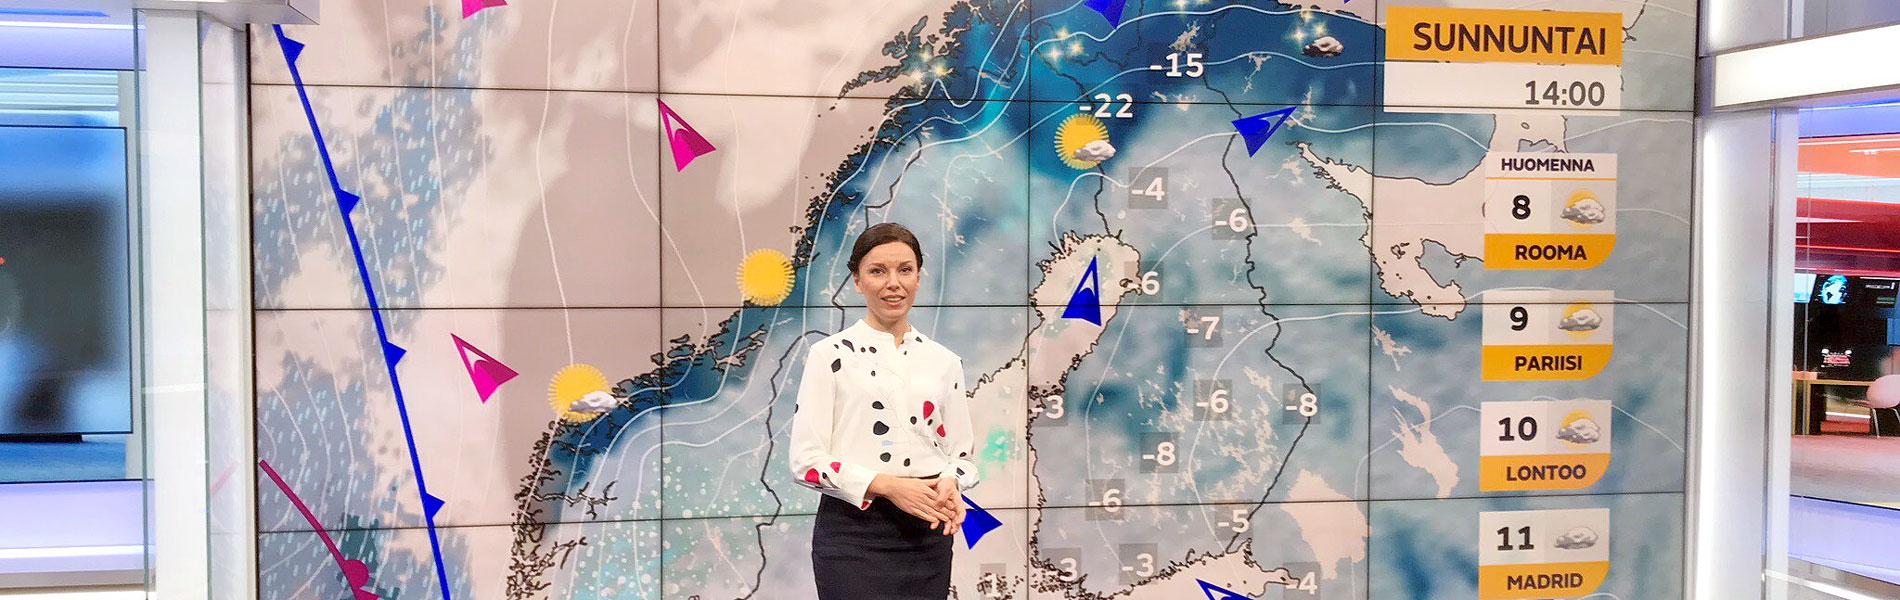 """Meteorologi Liisa Rintaniemi: """"Luonnontieteistä on tärkeä puhua niin, että kaikki voivat ymmärtää"""""""